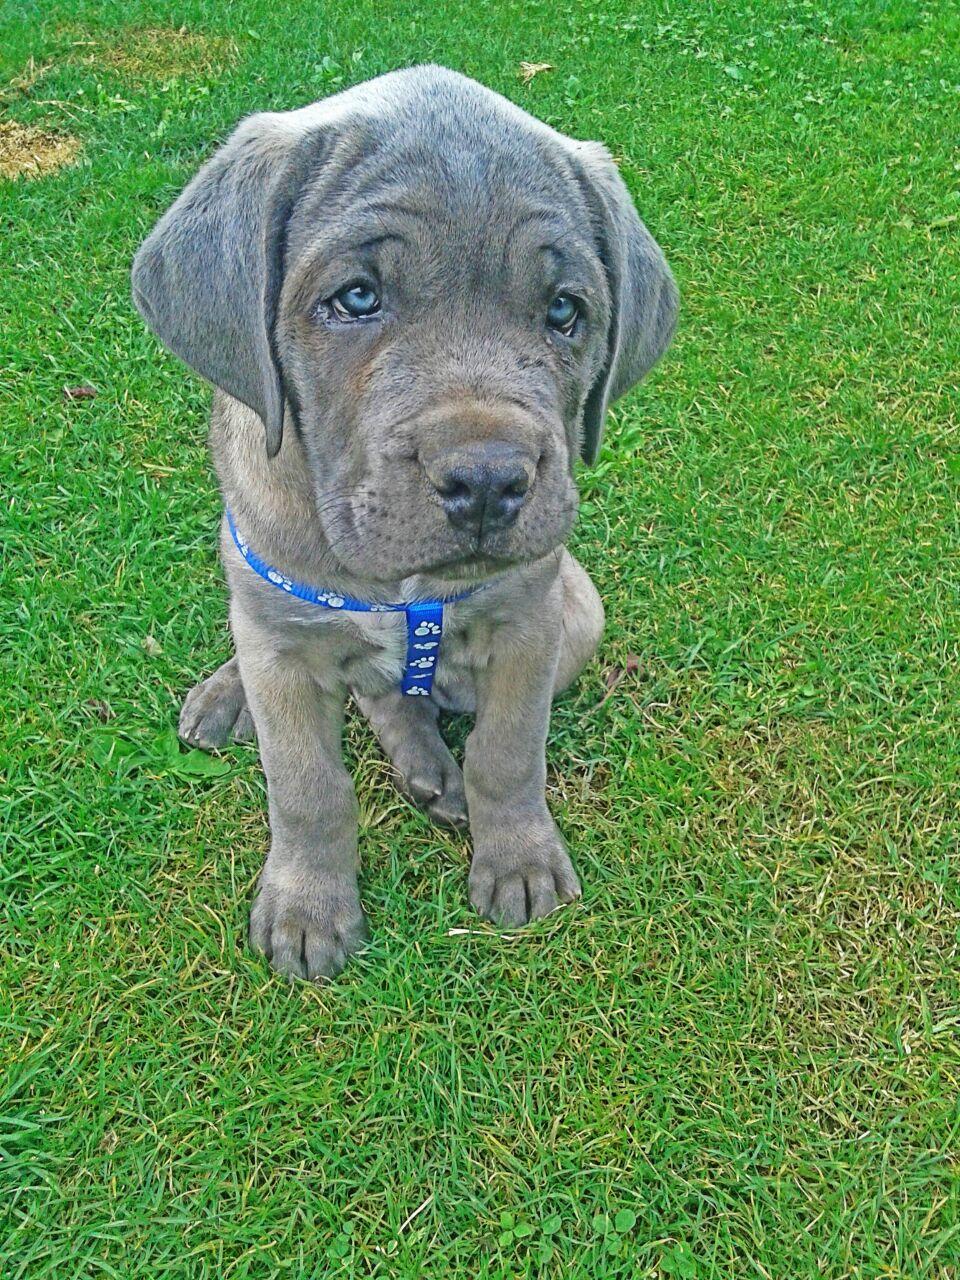 Ciao da torino cane corso - Cane occhi azzurri ...